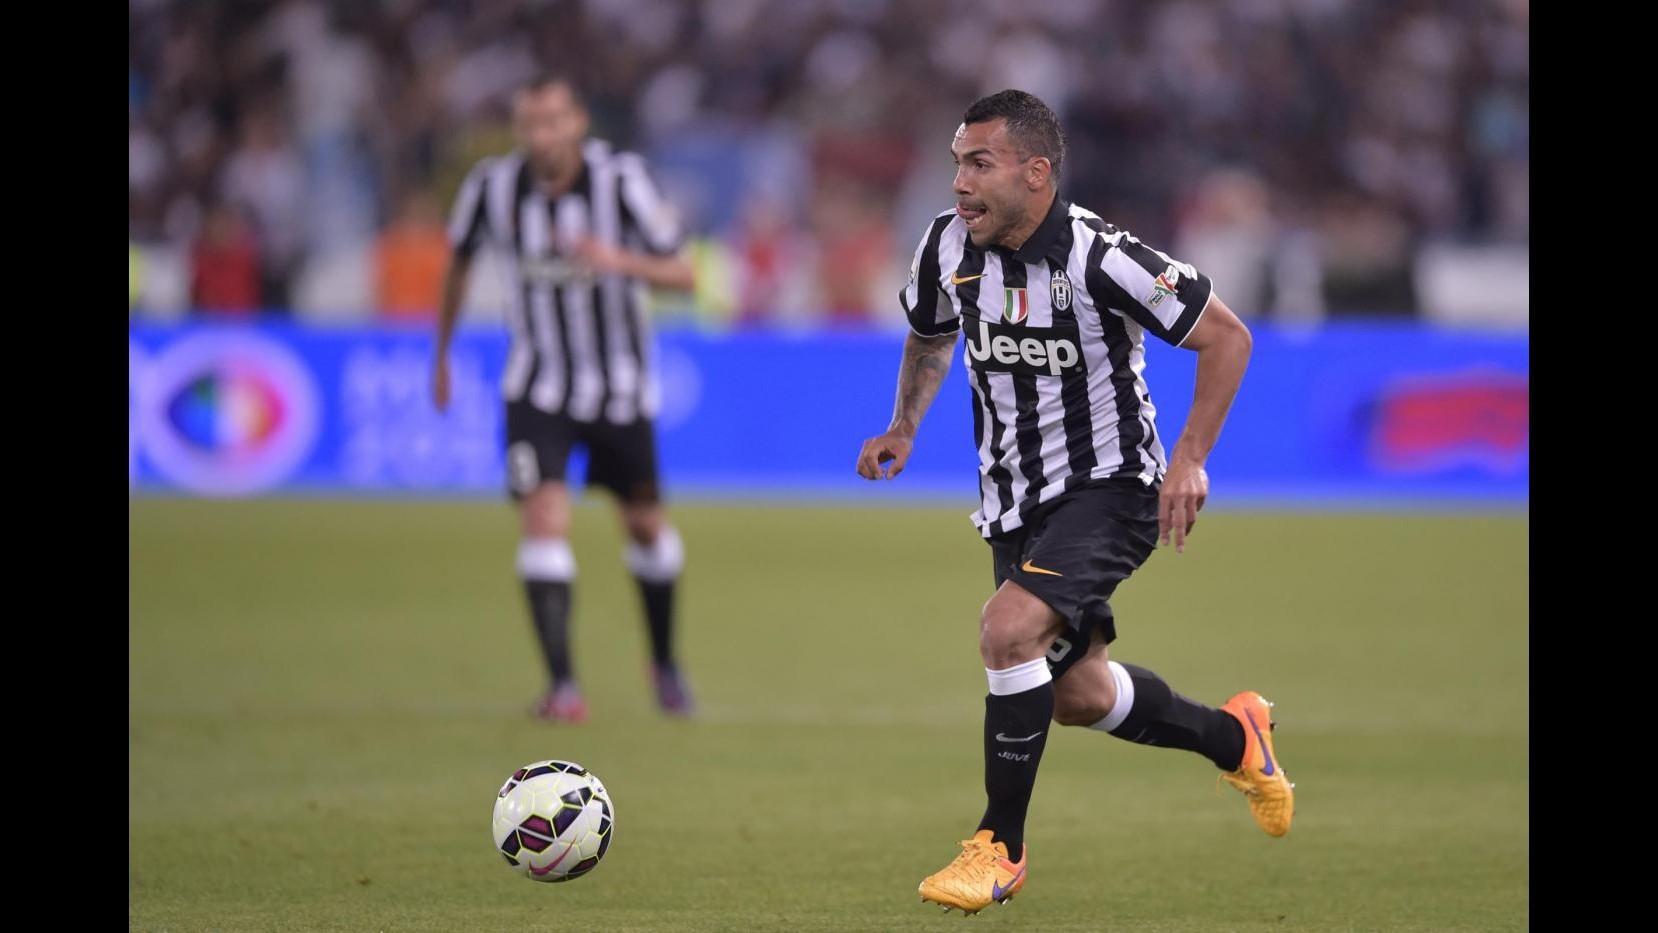 Simeone chiama Tevez all'Atletico: Sarebbe il giocatore ideale